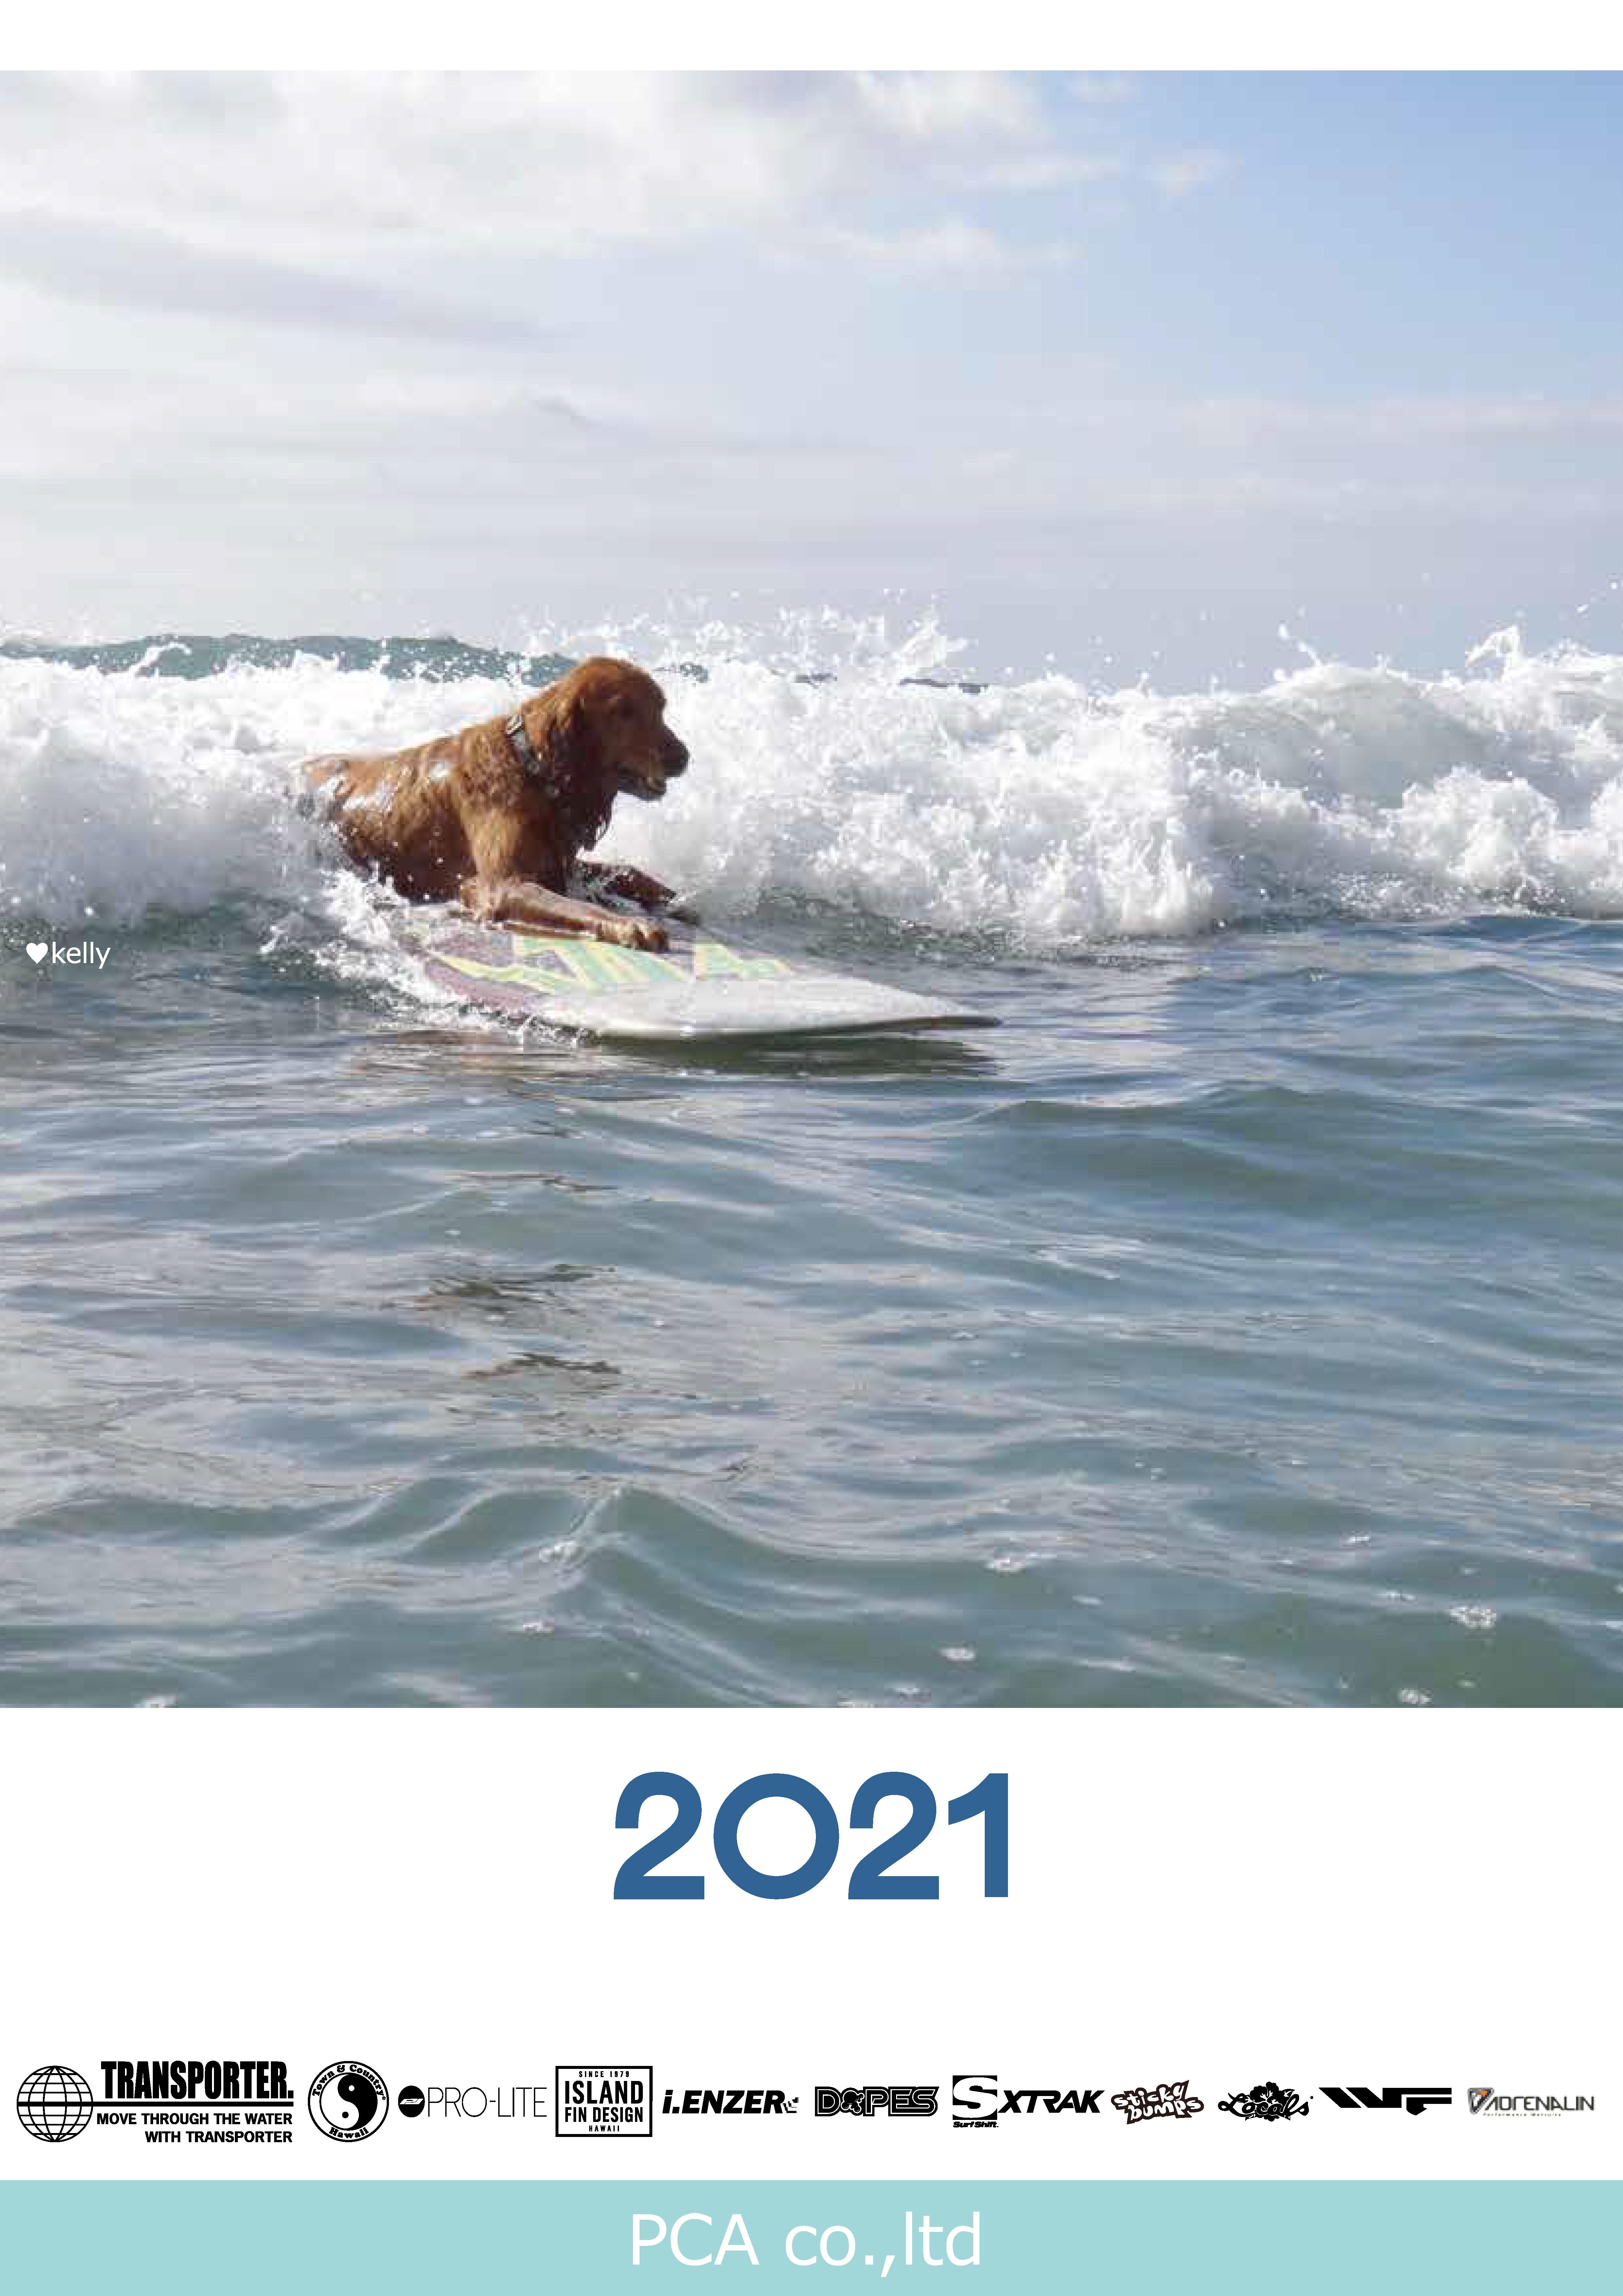 2021 PCA SURFGEAR CATALOG